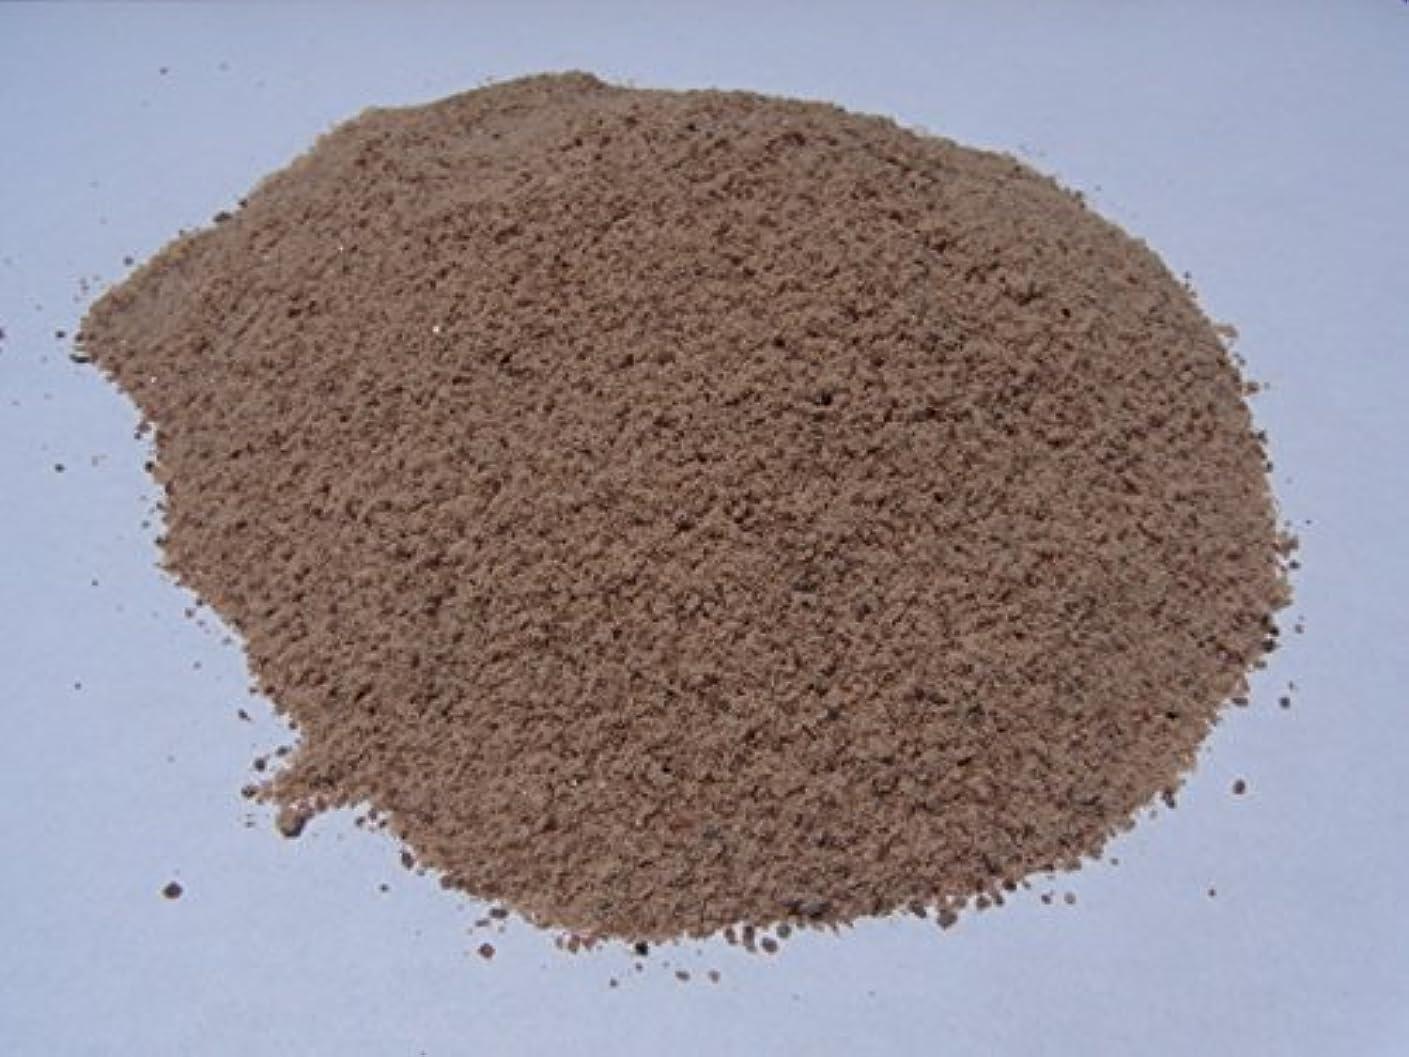 シンプルさ飼料すり減るヒマラヤ岩塩1kg【ルビーソルト】 ミネラルクリスタル パウダー 細粒 バスソルト